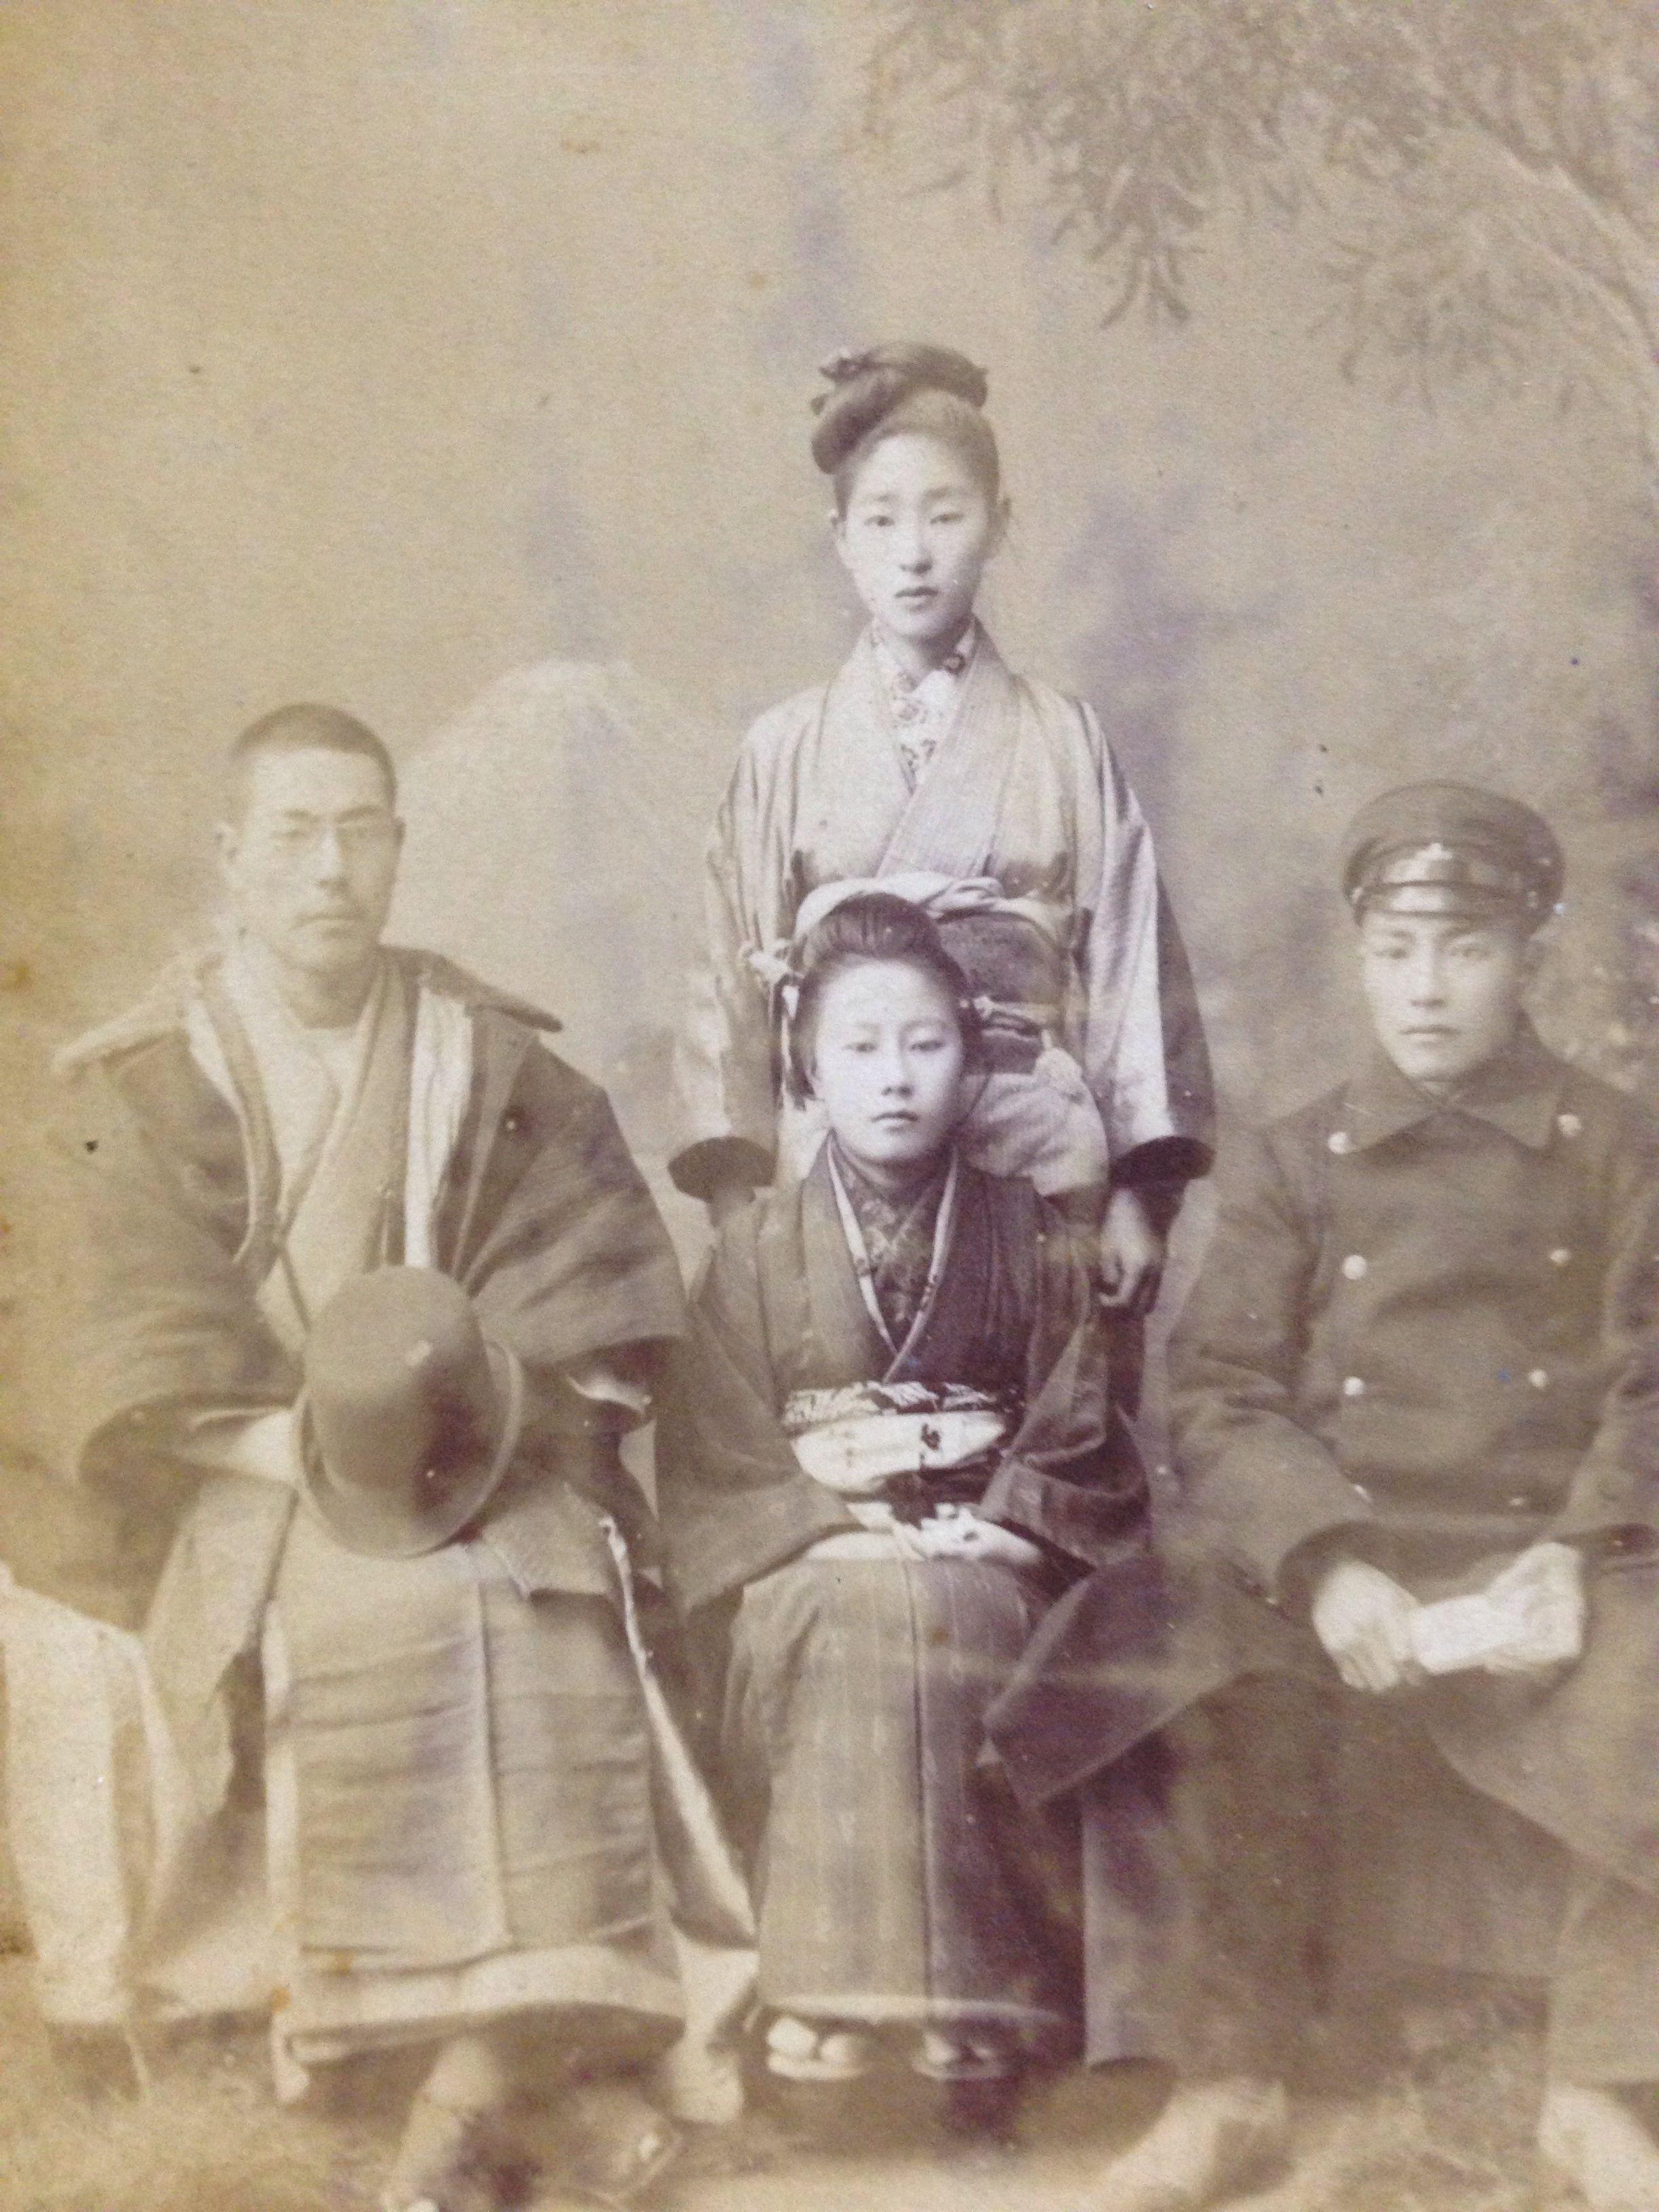 大正 明治期 家族写真 古写真 昭和時代 大正時代